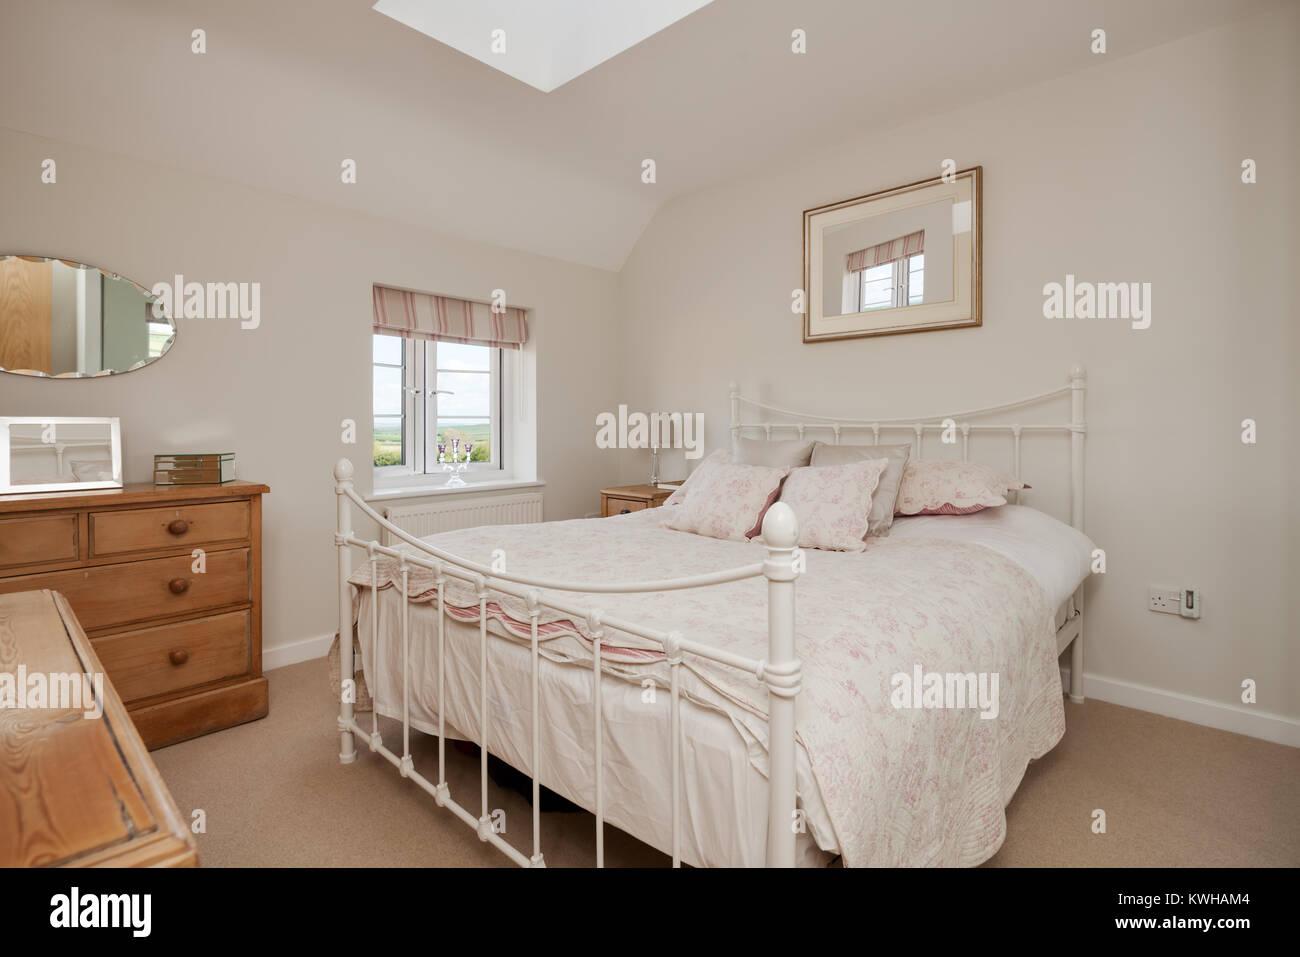 Tradizionale stile cottage camera da letto vestito modestamente con ...